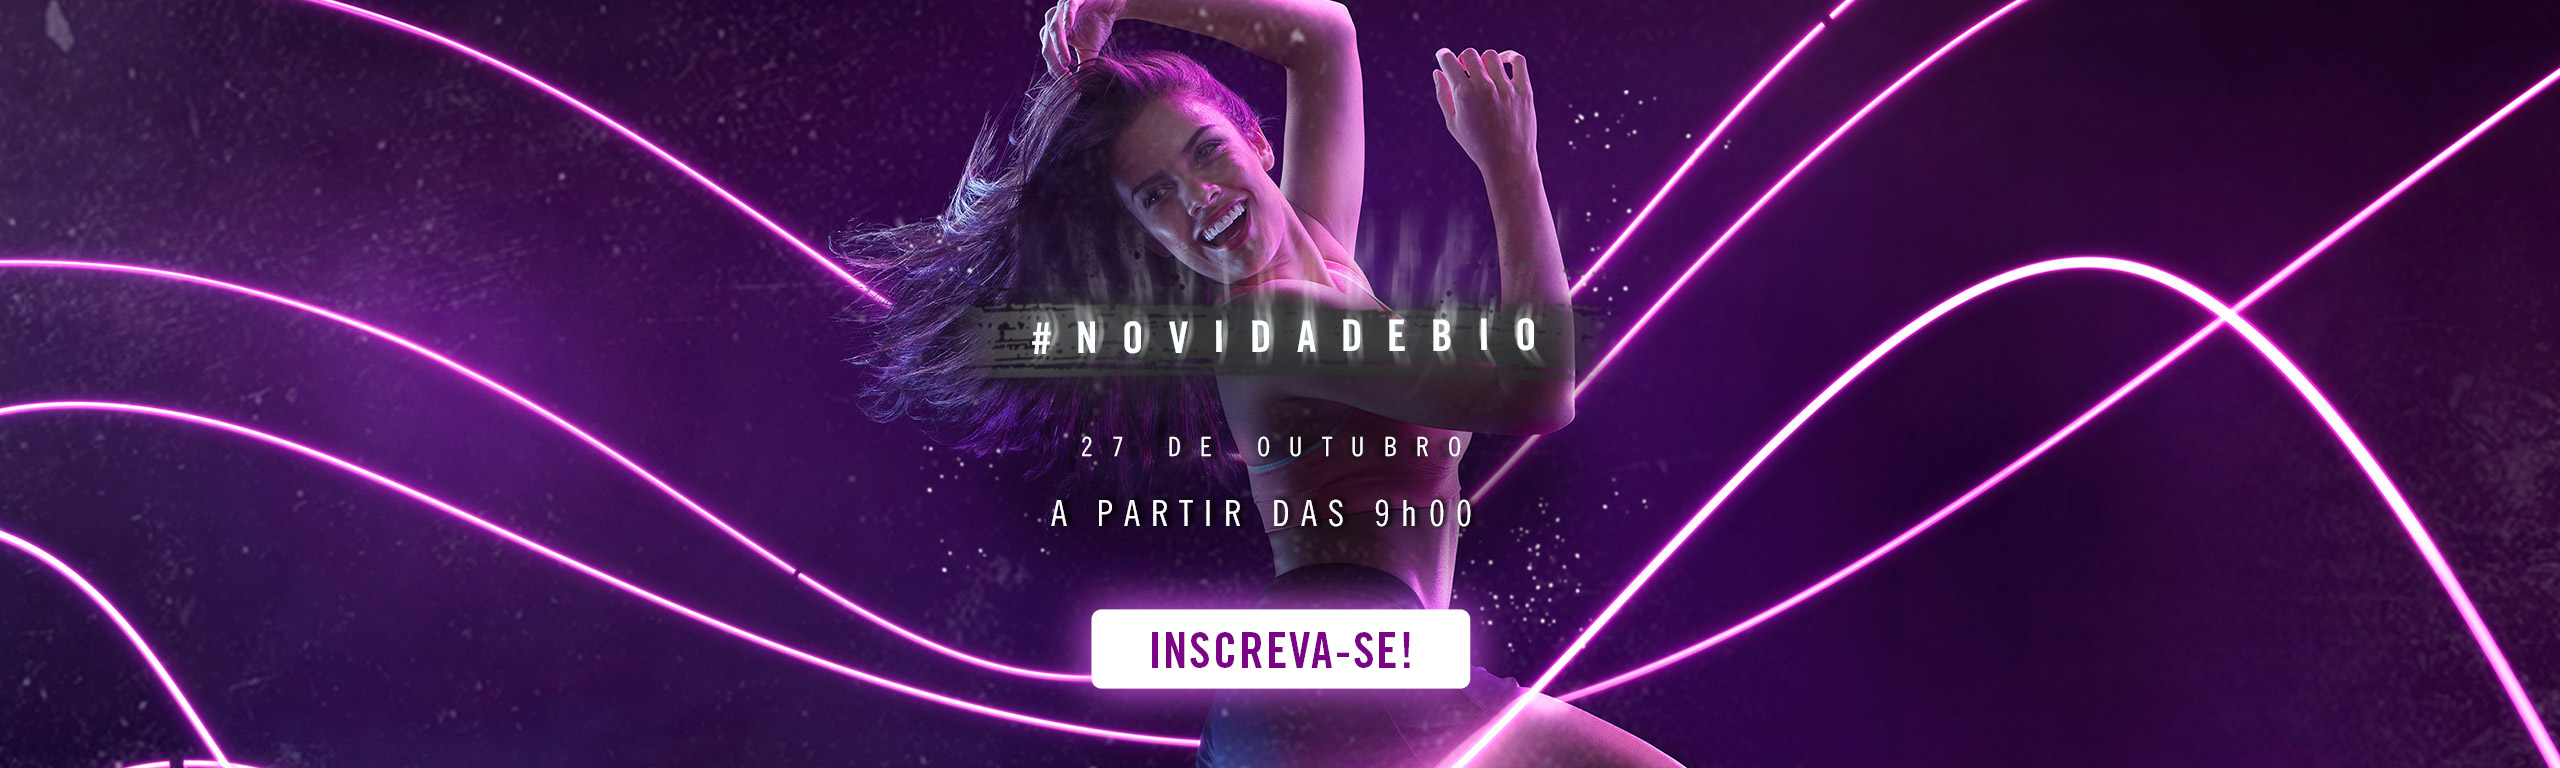 Banner_site_novidade